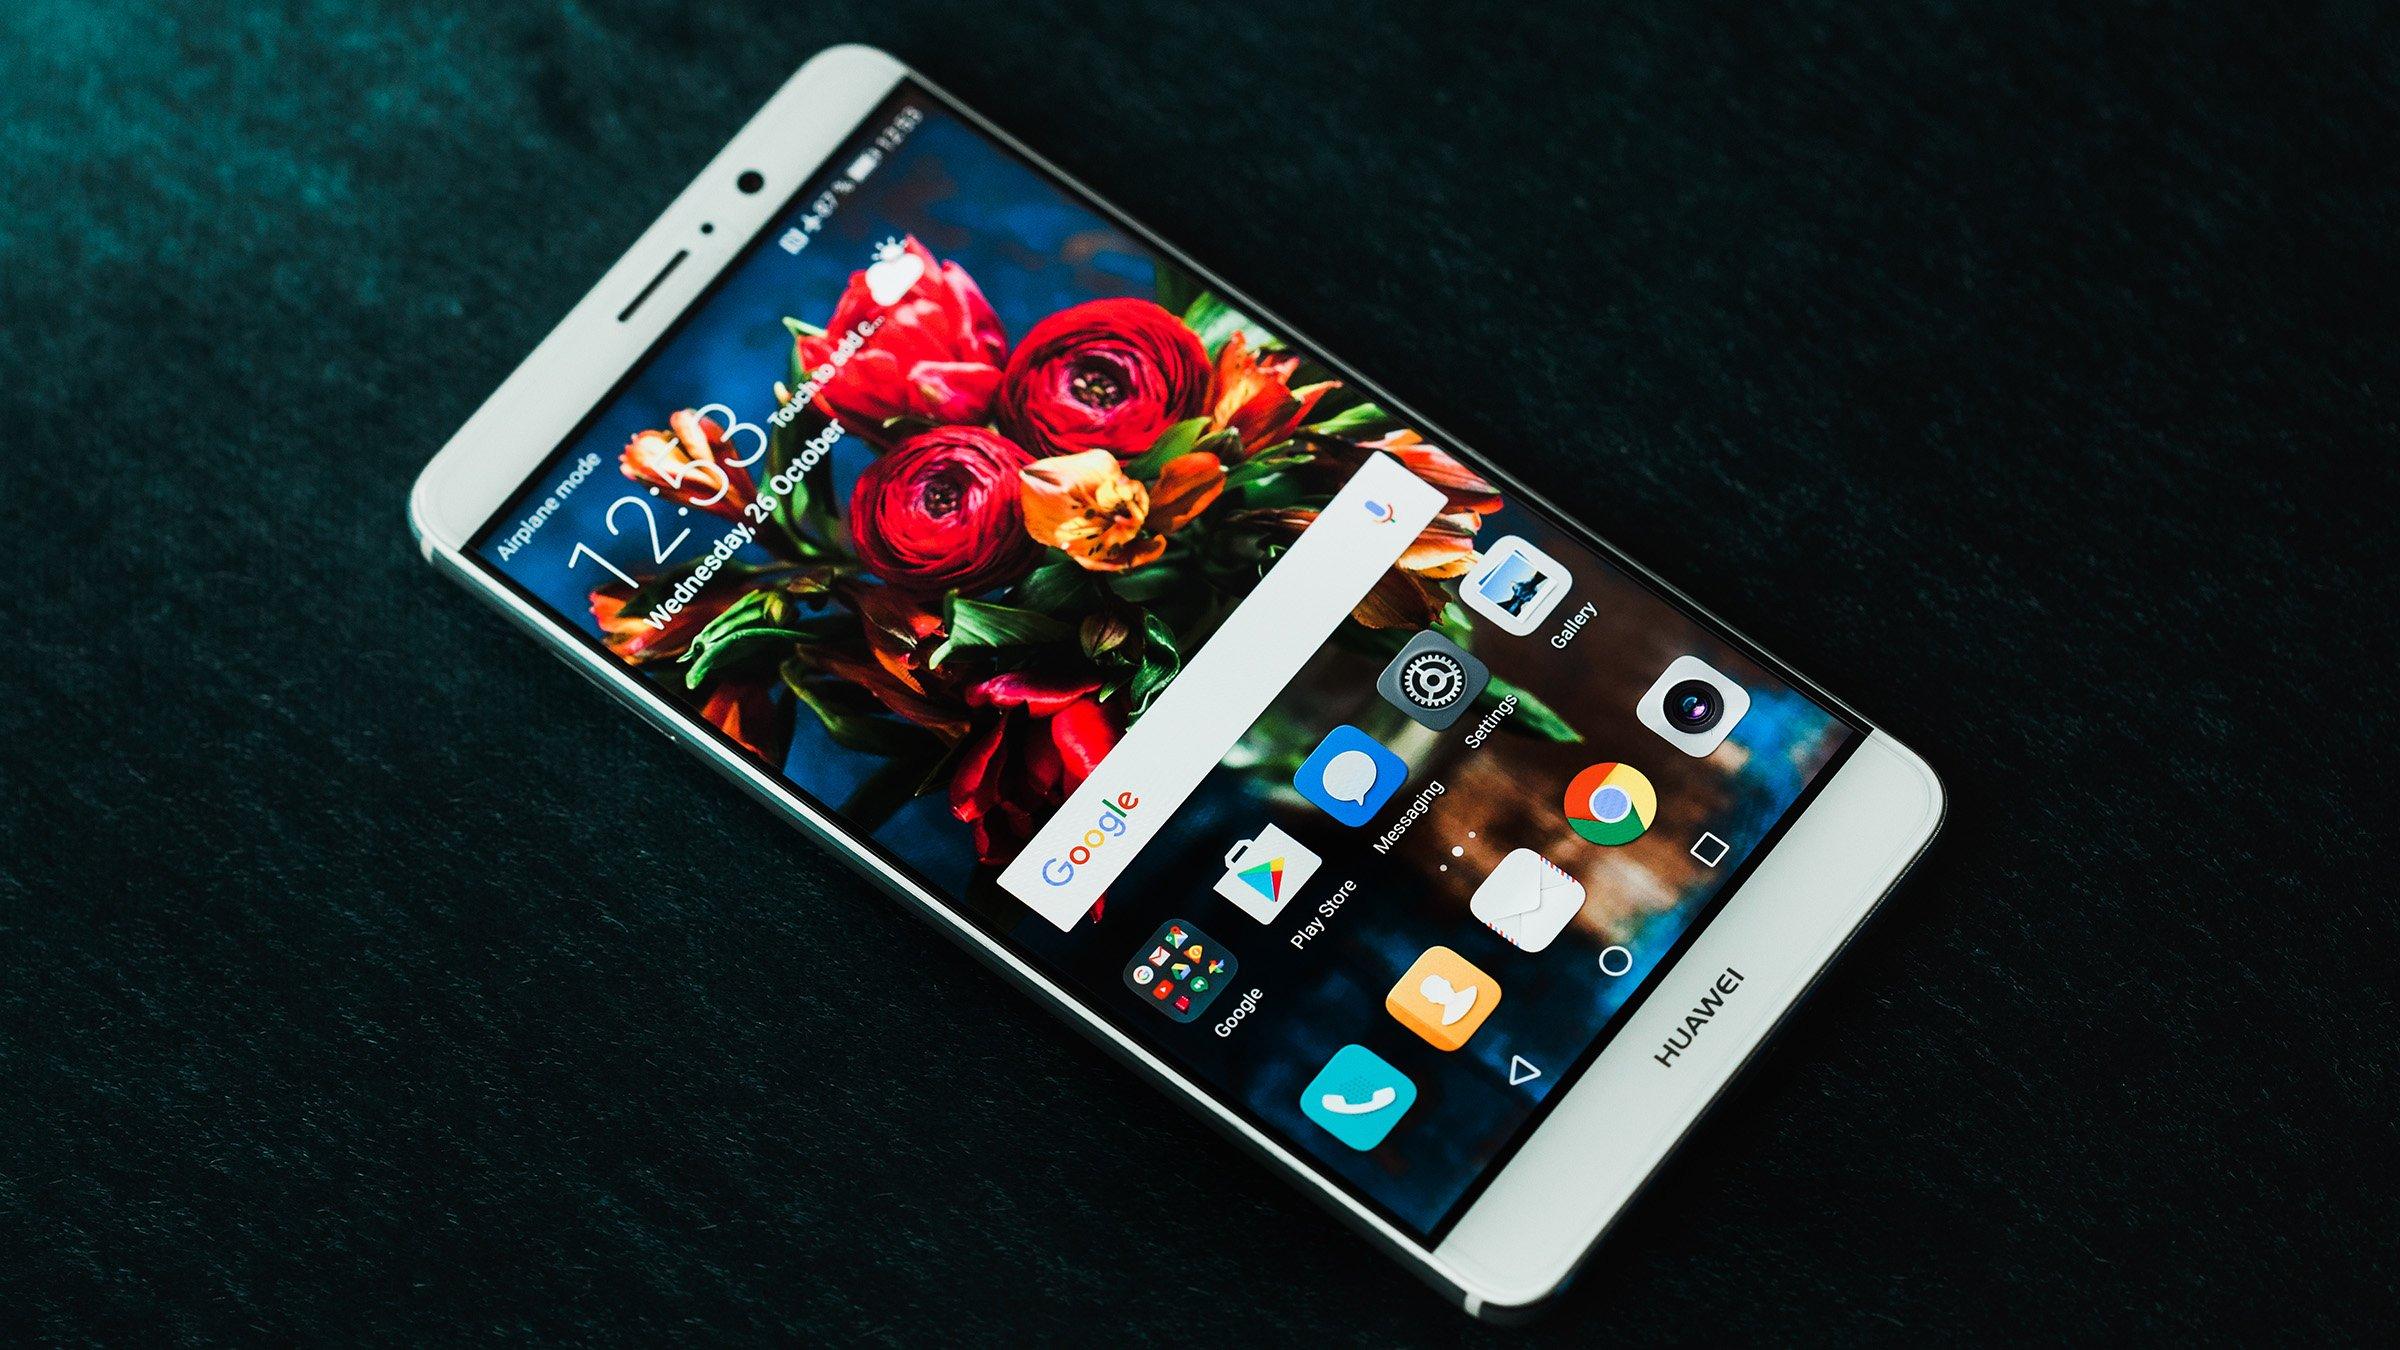 Huawei mate 9 im test keine alternative sondern erste